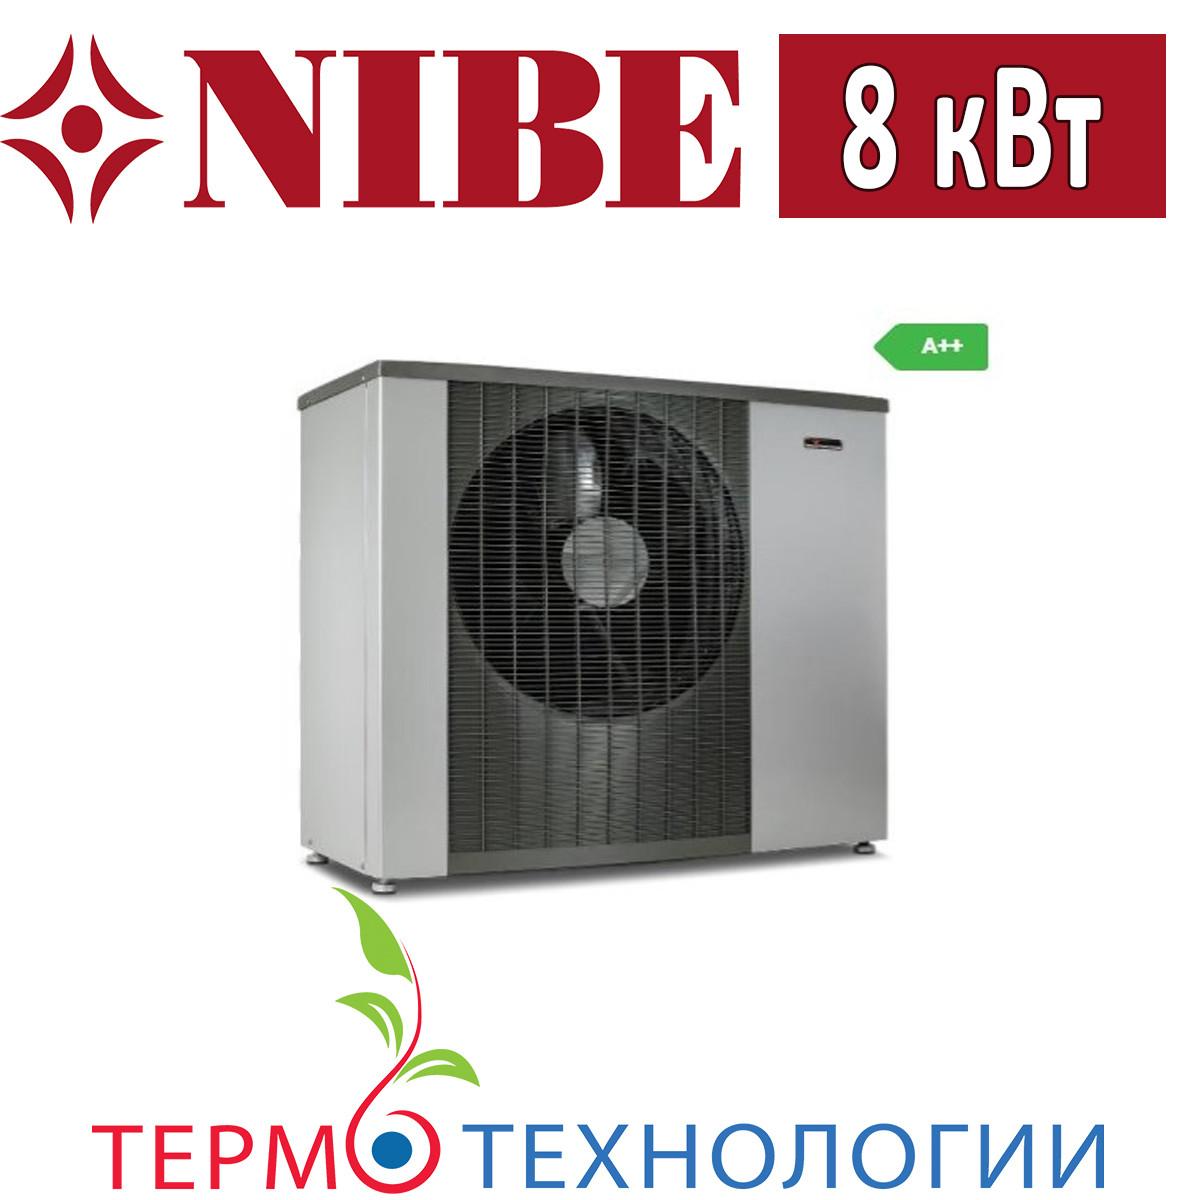 Тепловой насос воздух-вода Nibe F2120 8 кВт, 230 В